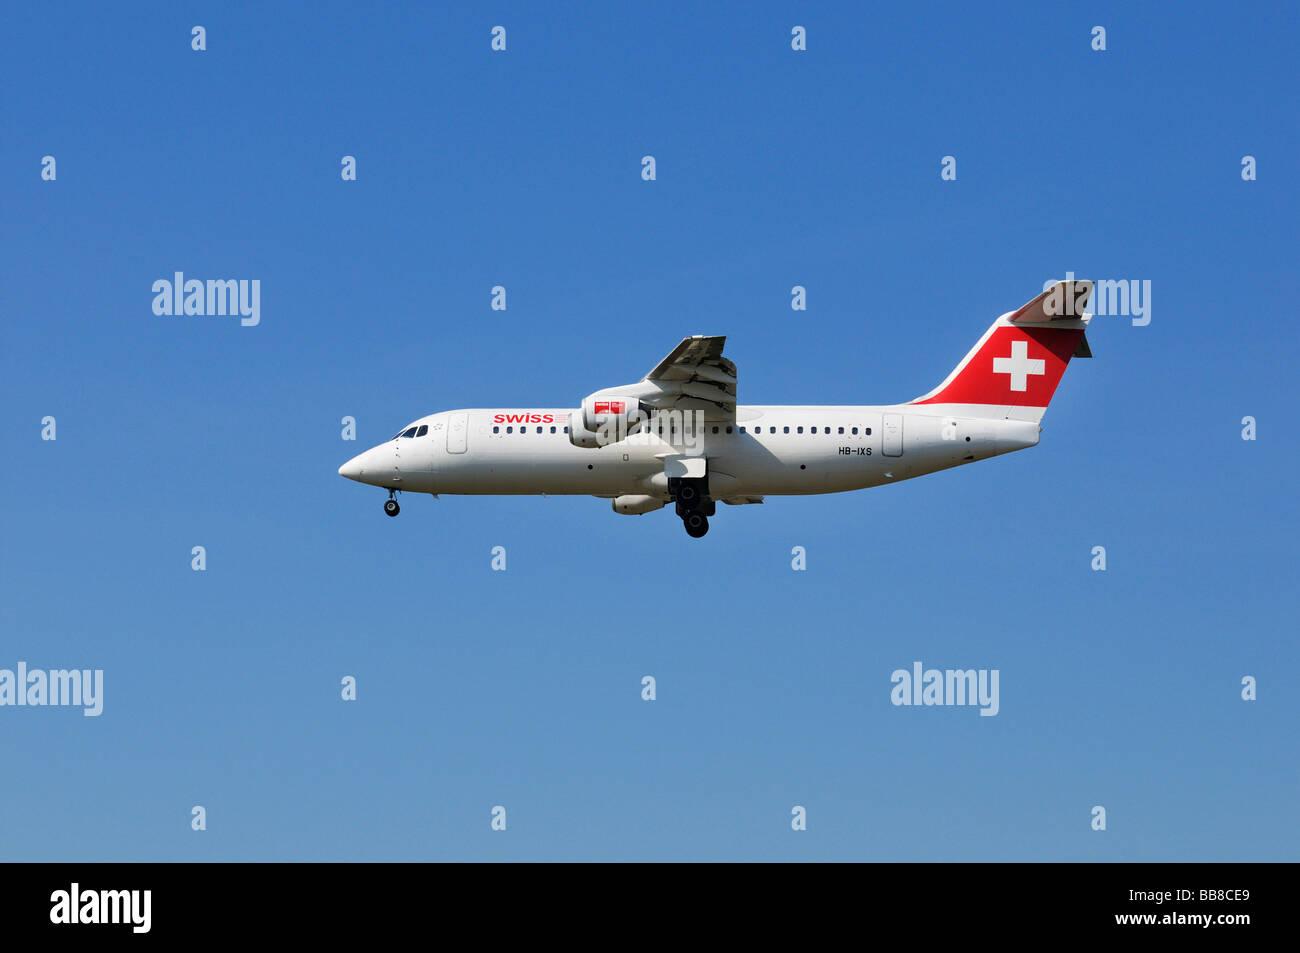 Swiss Air aereo Swiss Avro jet regionale RJ100 è oscillante fuori il suo atterraggio Immagini Stock